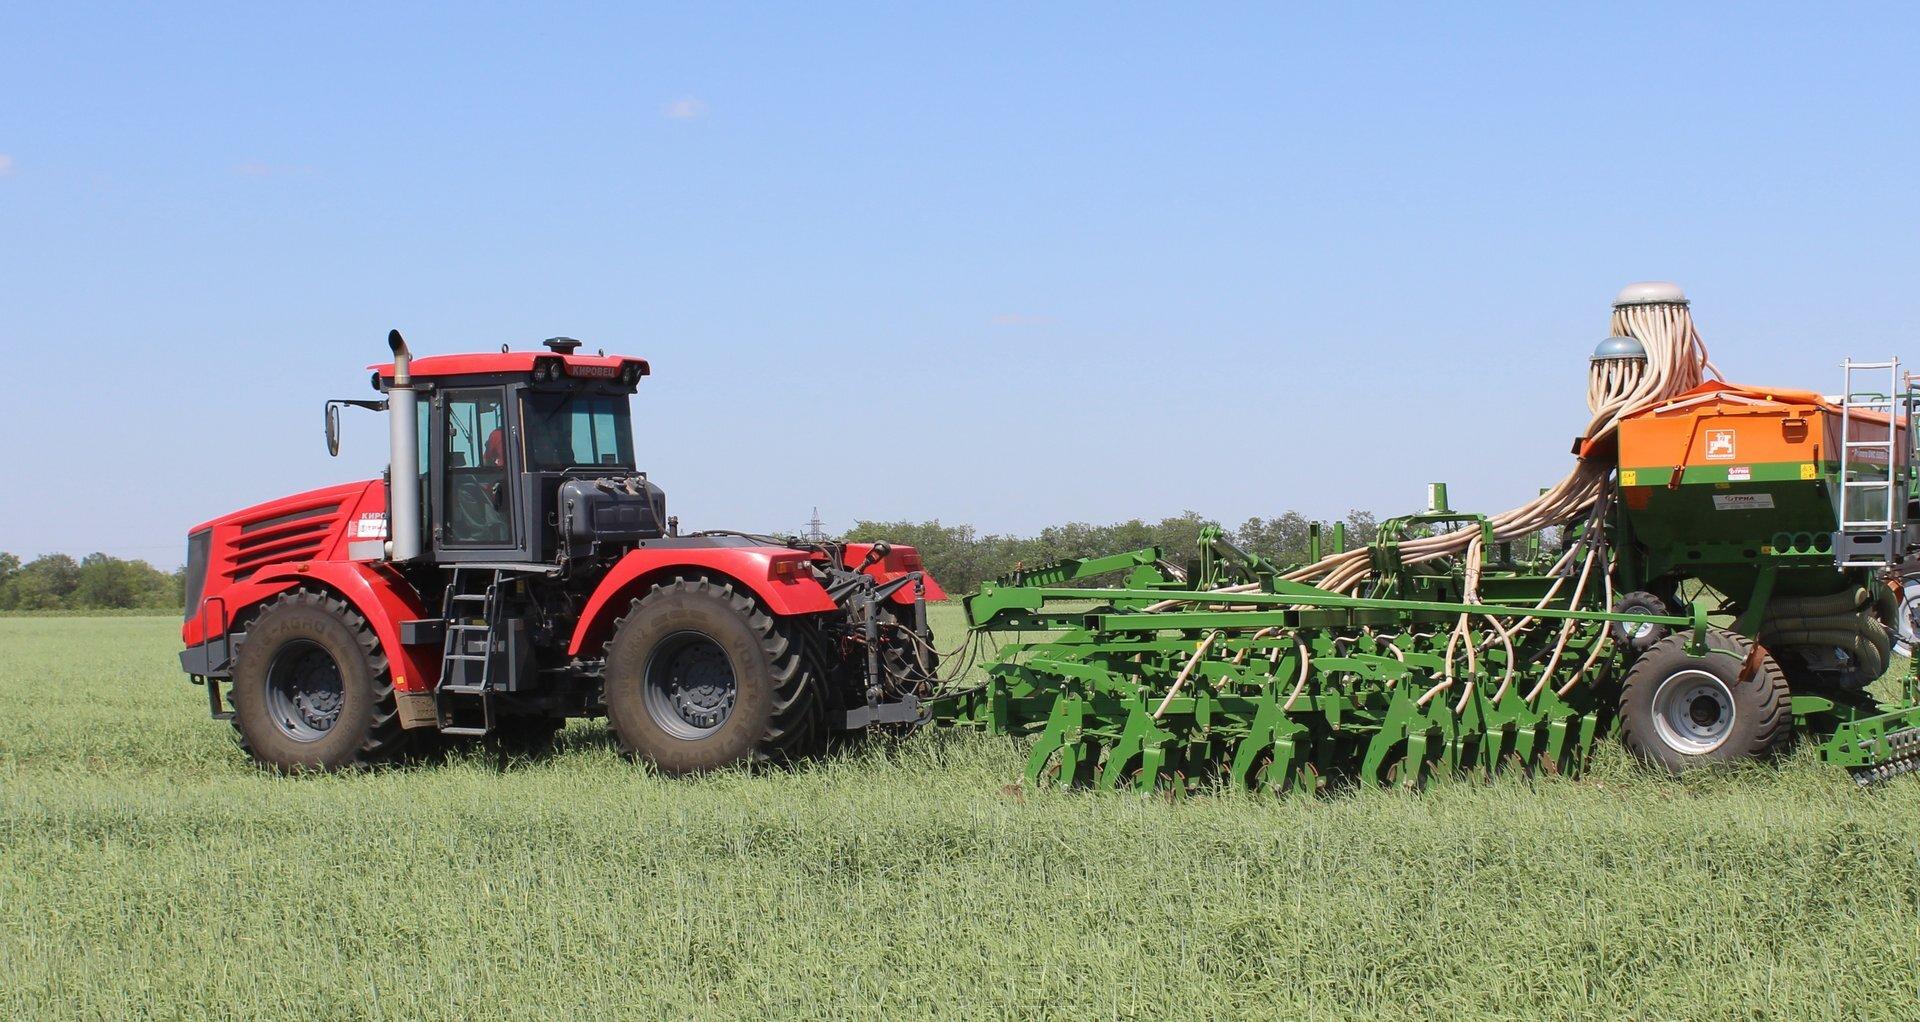 КИРОВЕЦ: трактор с государственным подходом - фото pic_d4e4c26e5cef93c_1920x9000_1.jpg